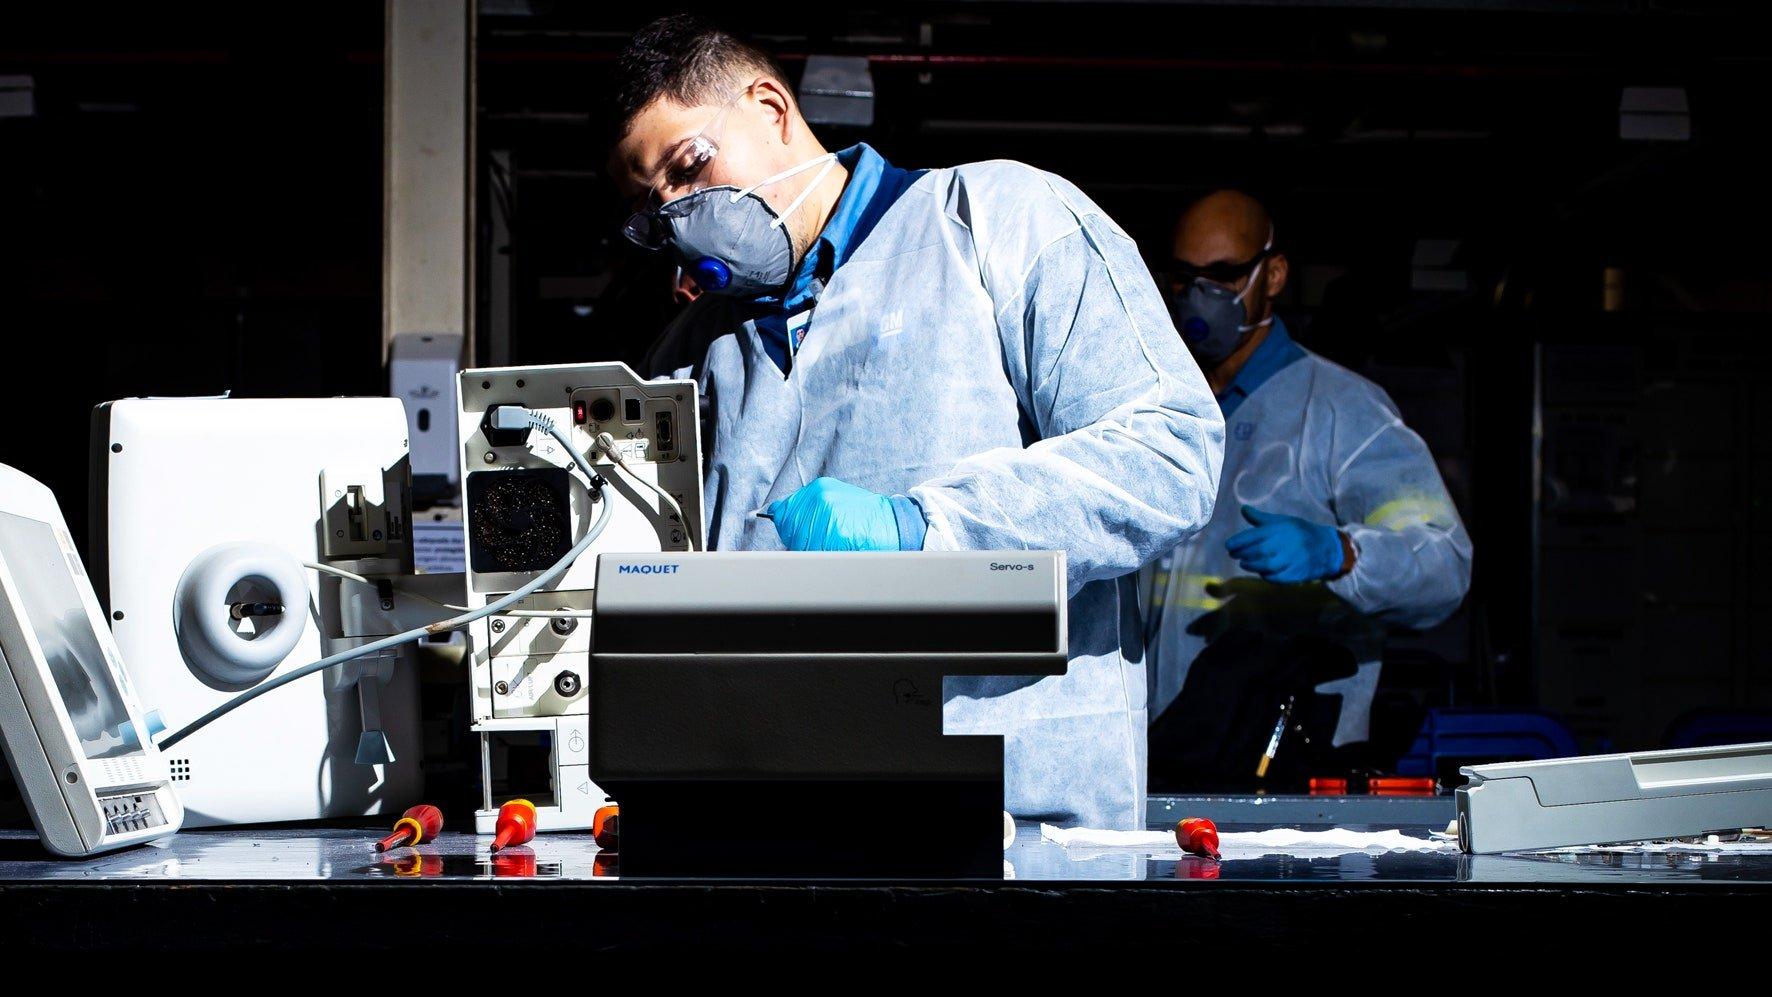 تعمیر تجهیزات پزشکی